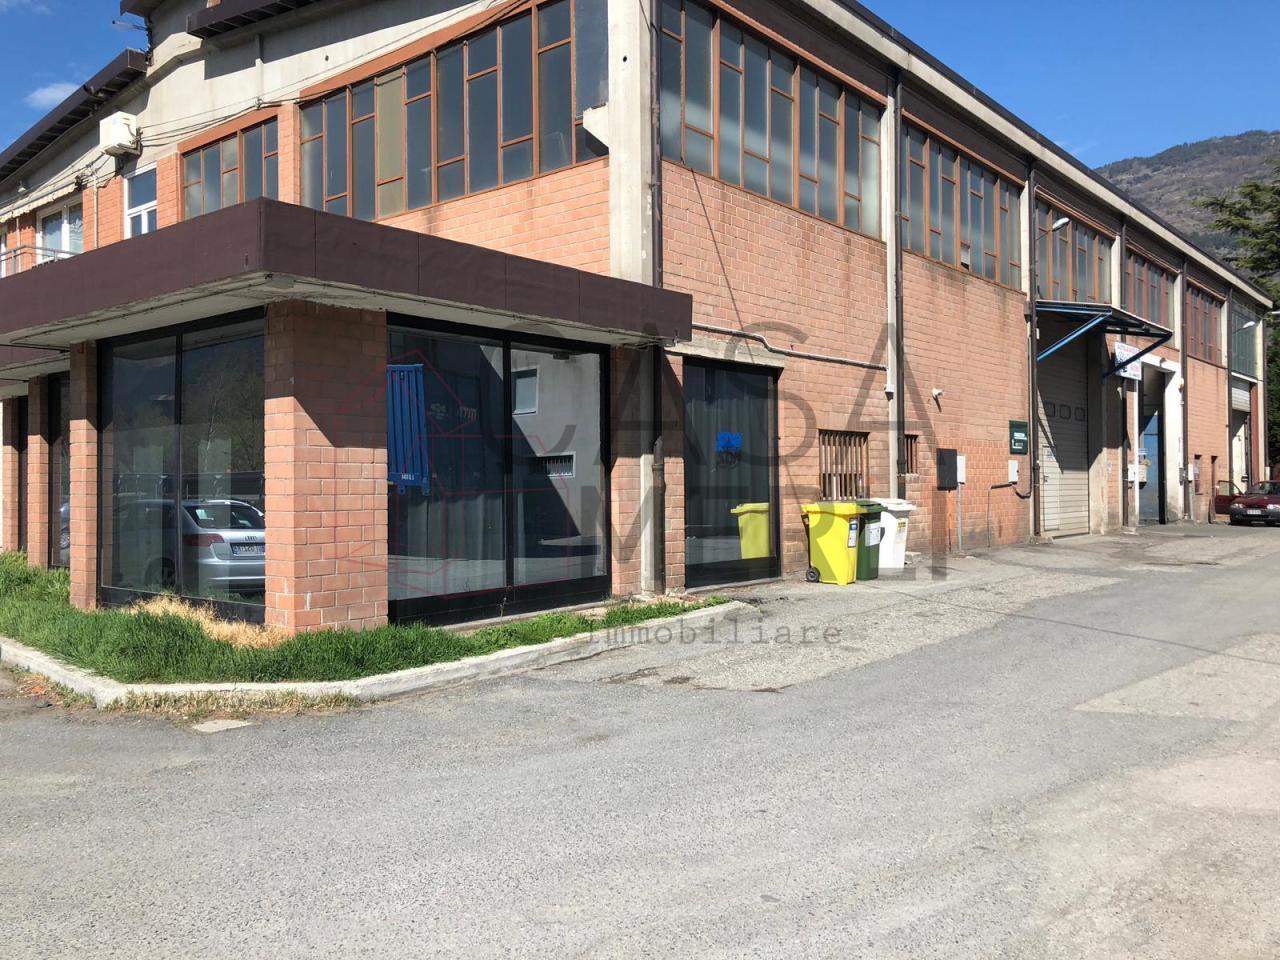 Capannone / Fondo - Industriale/Artigianale a Aosta Rif. 10100804